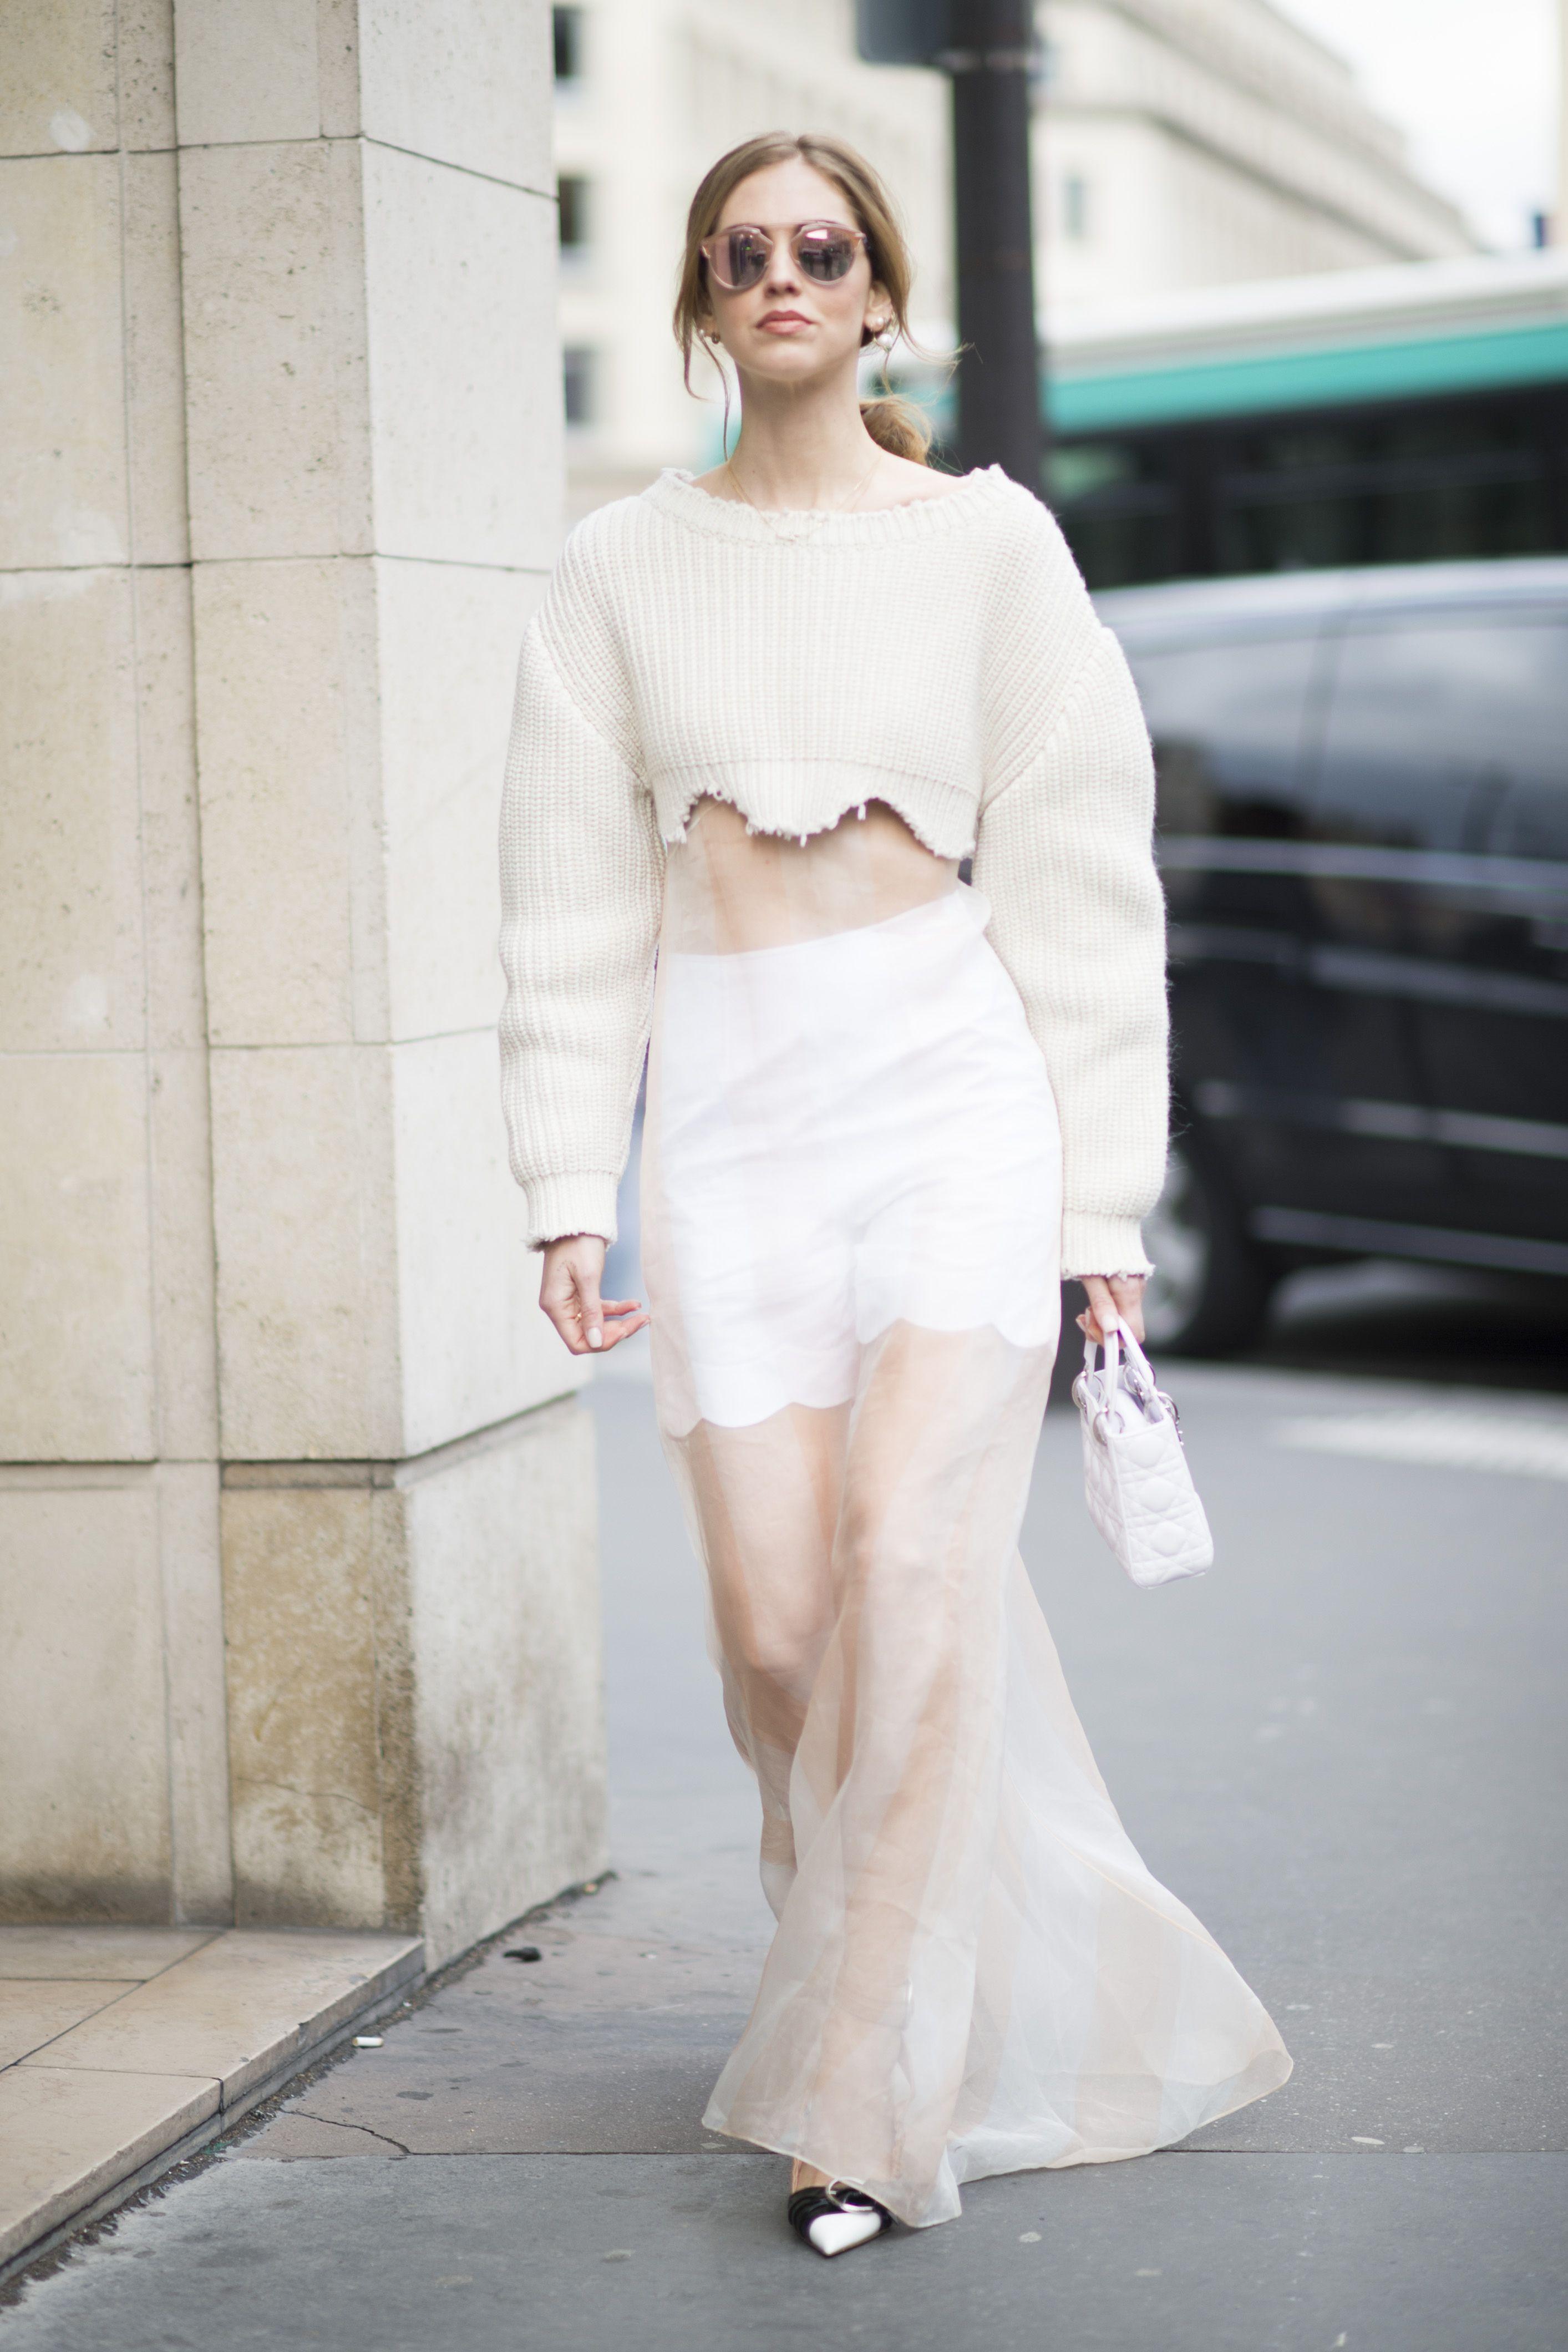 moda 2016 street style look monocromatici